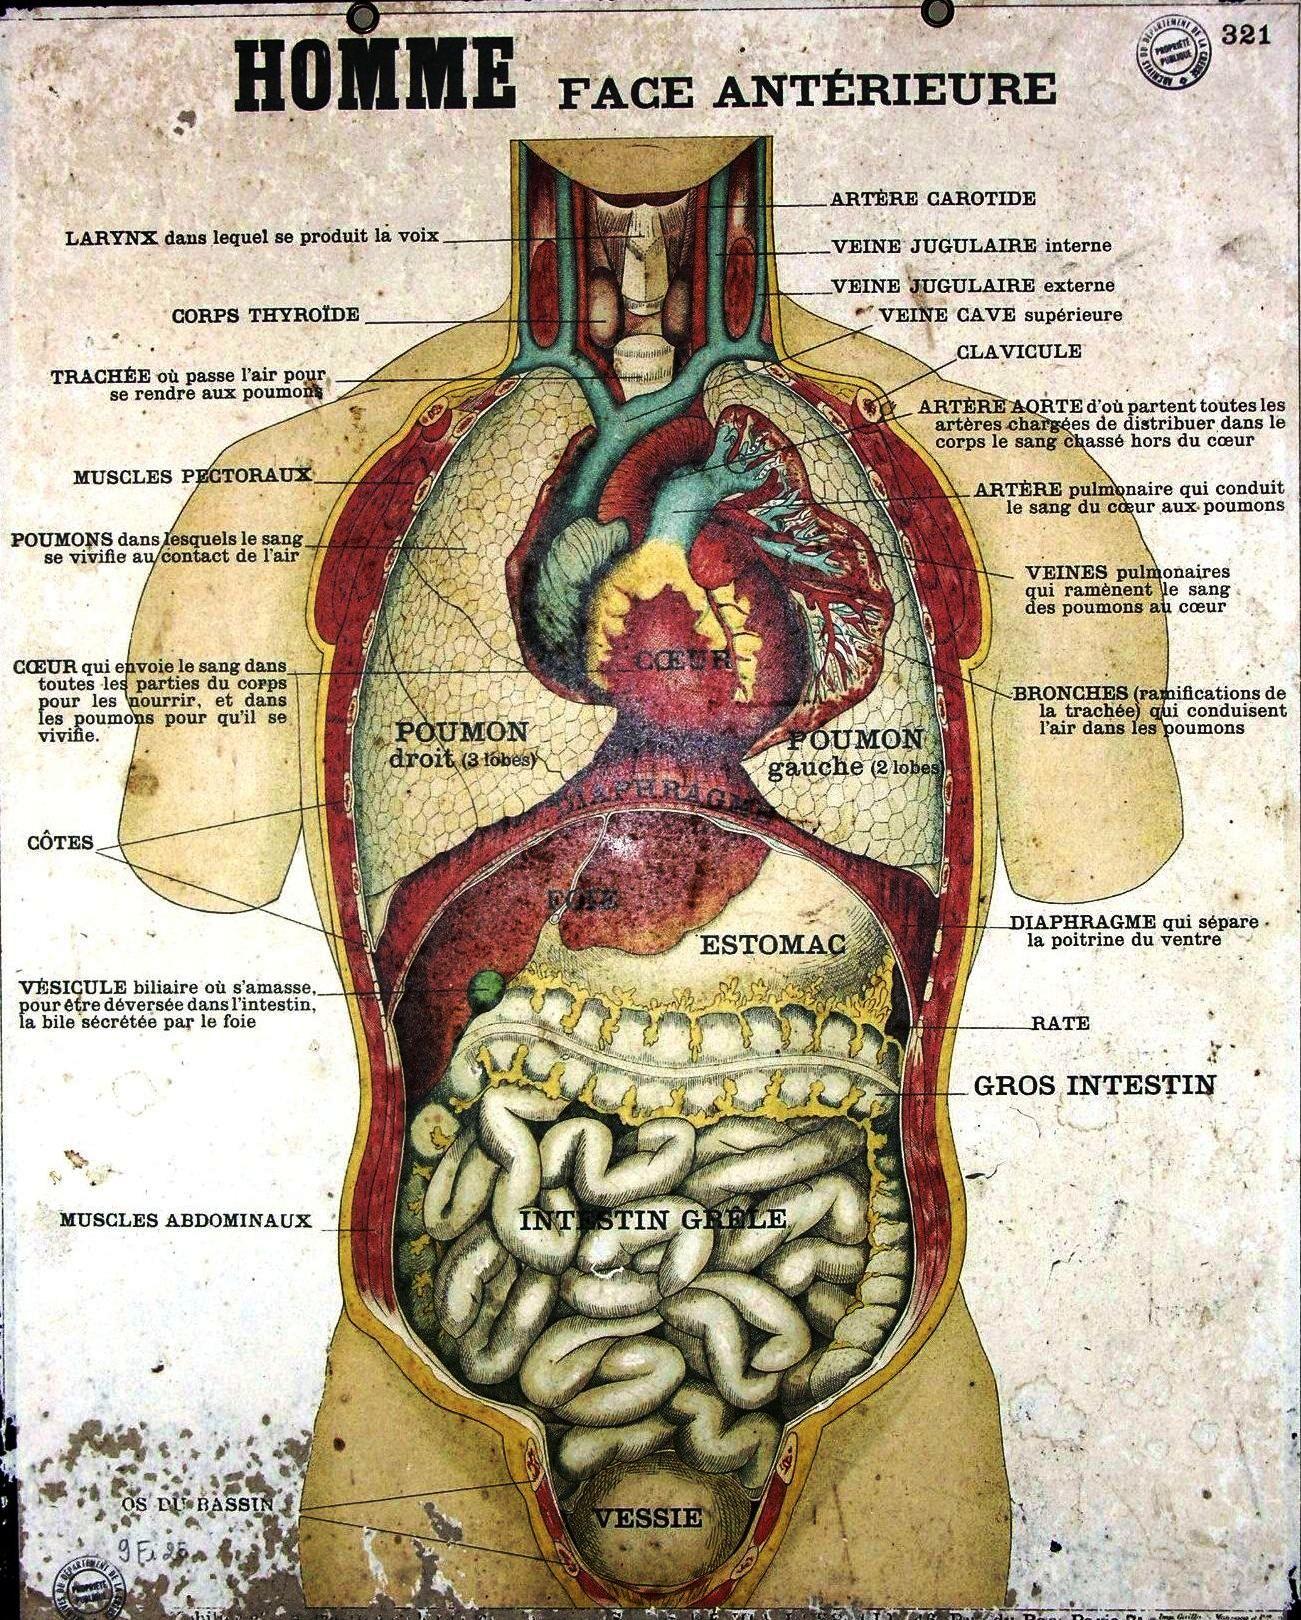 Vintage | Vintage Anatomy Art | Pinterest | Anatomy, Anatomy art and ...